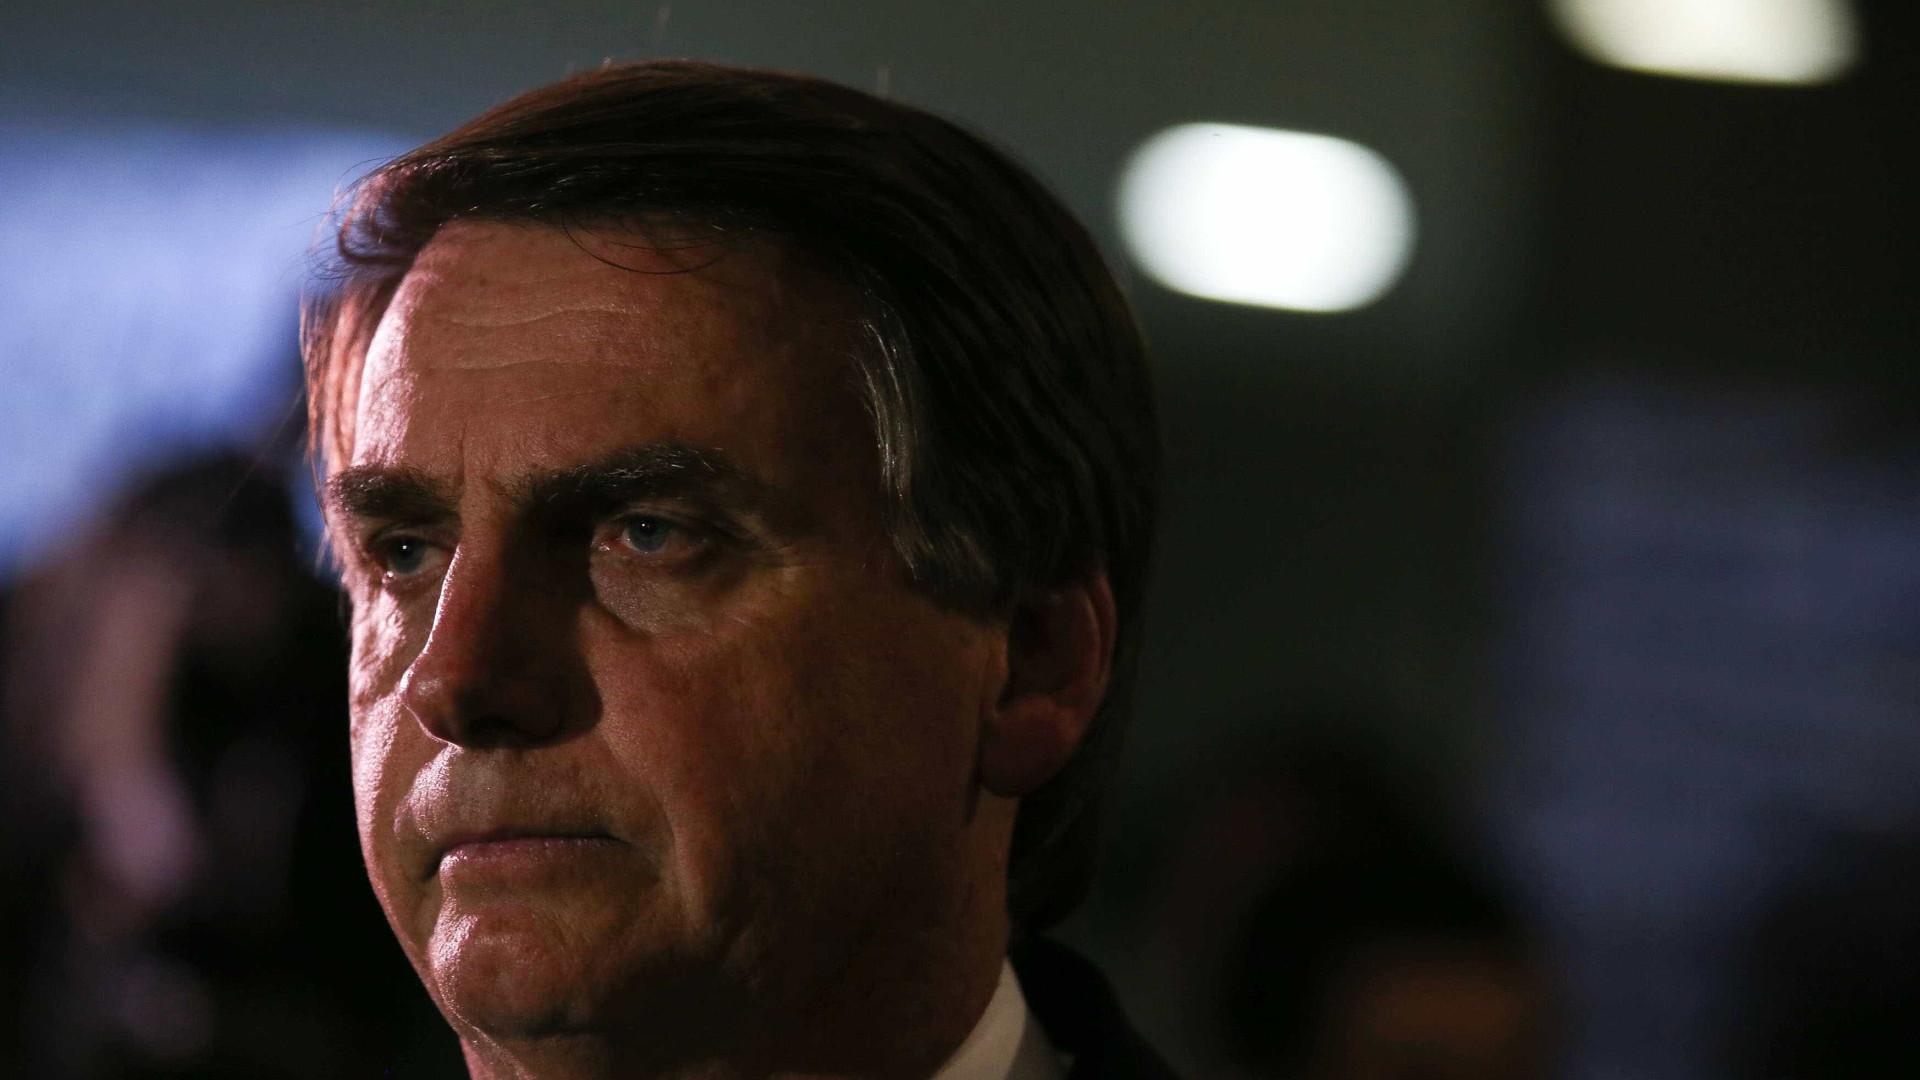 Bolsonaro perde parte da direita, mas mostra resiliência após discurso